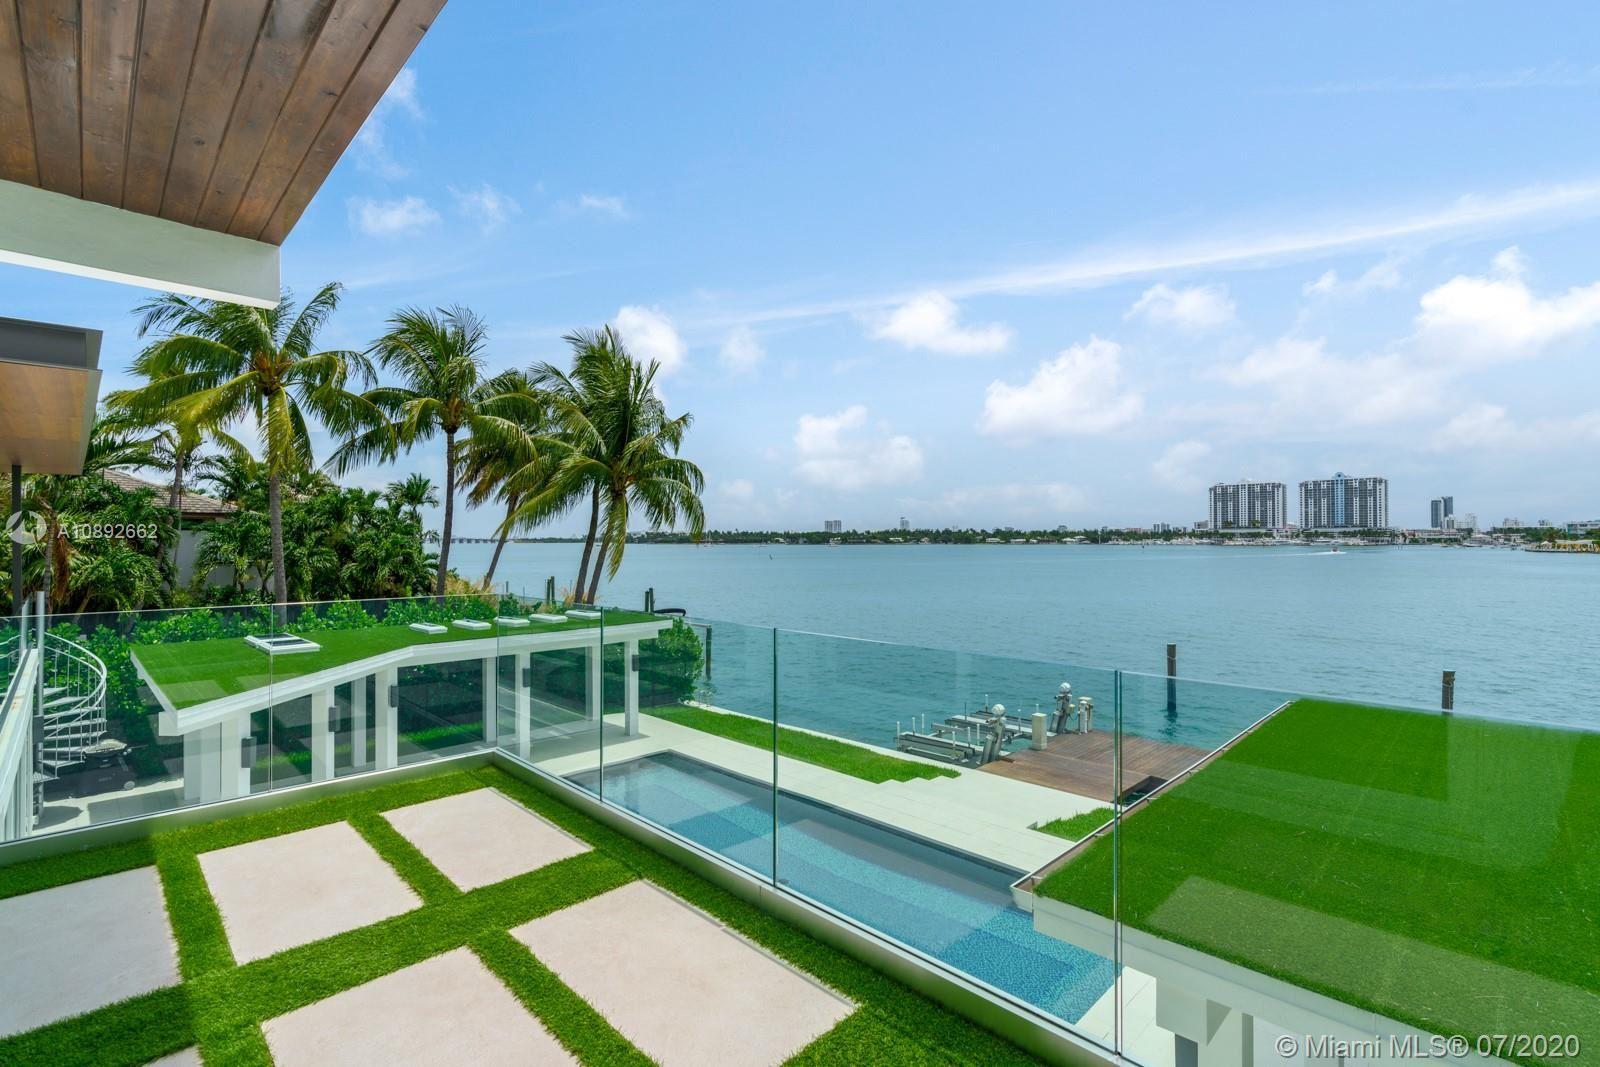 Photo 18 of Listing MLS a10892662 in 327 E Rivo Alto Dr Miami Beach FL 33139